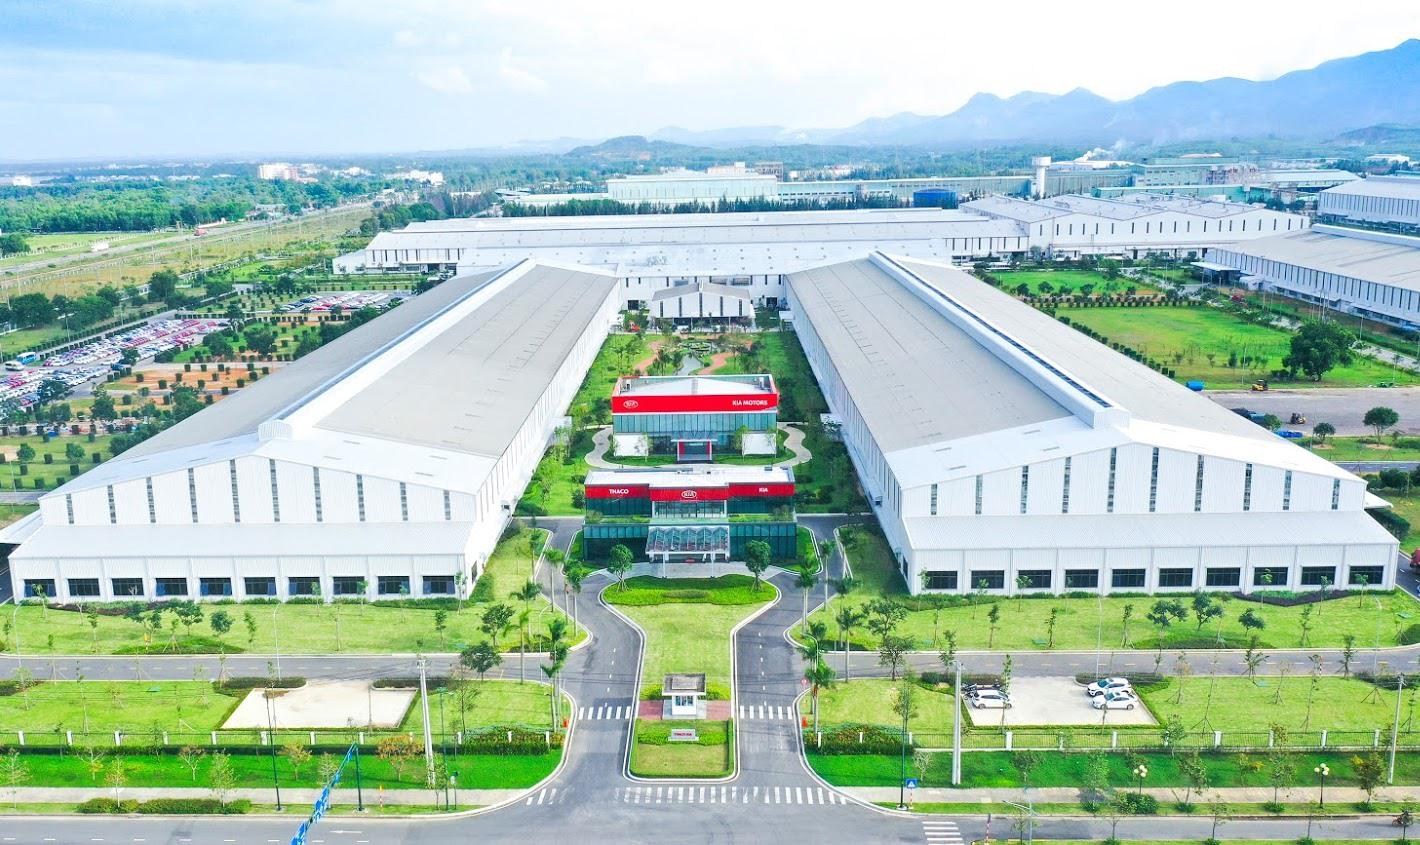 Khu công nghiệp THACO Chu Lai. Ảnh: S.T